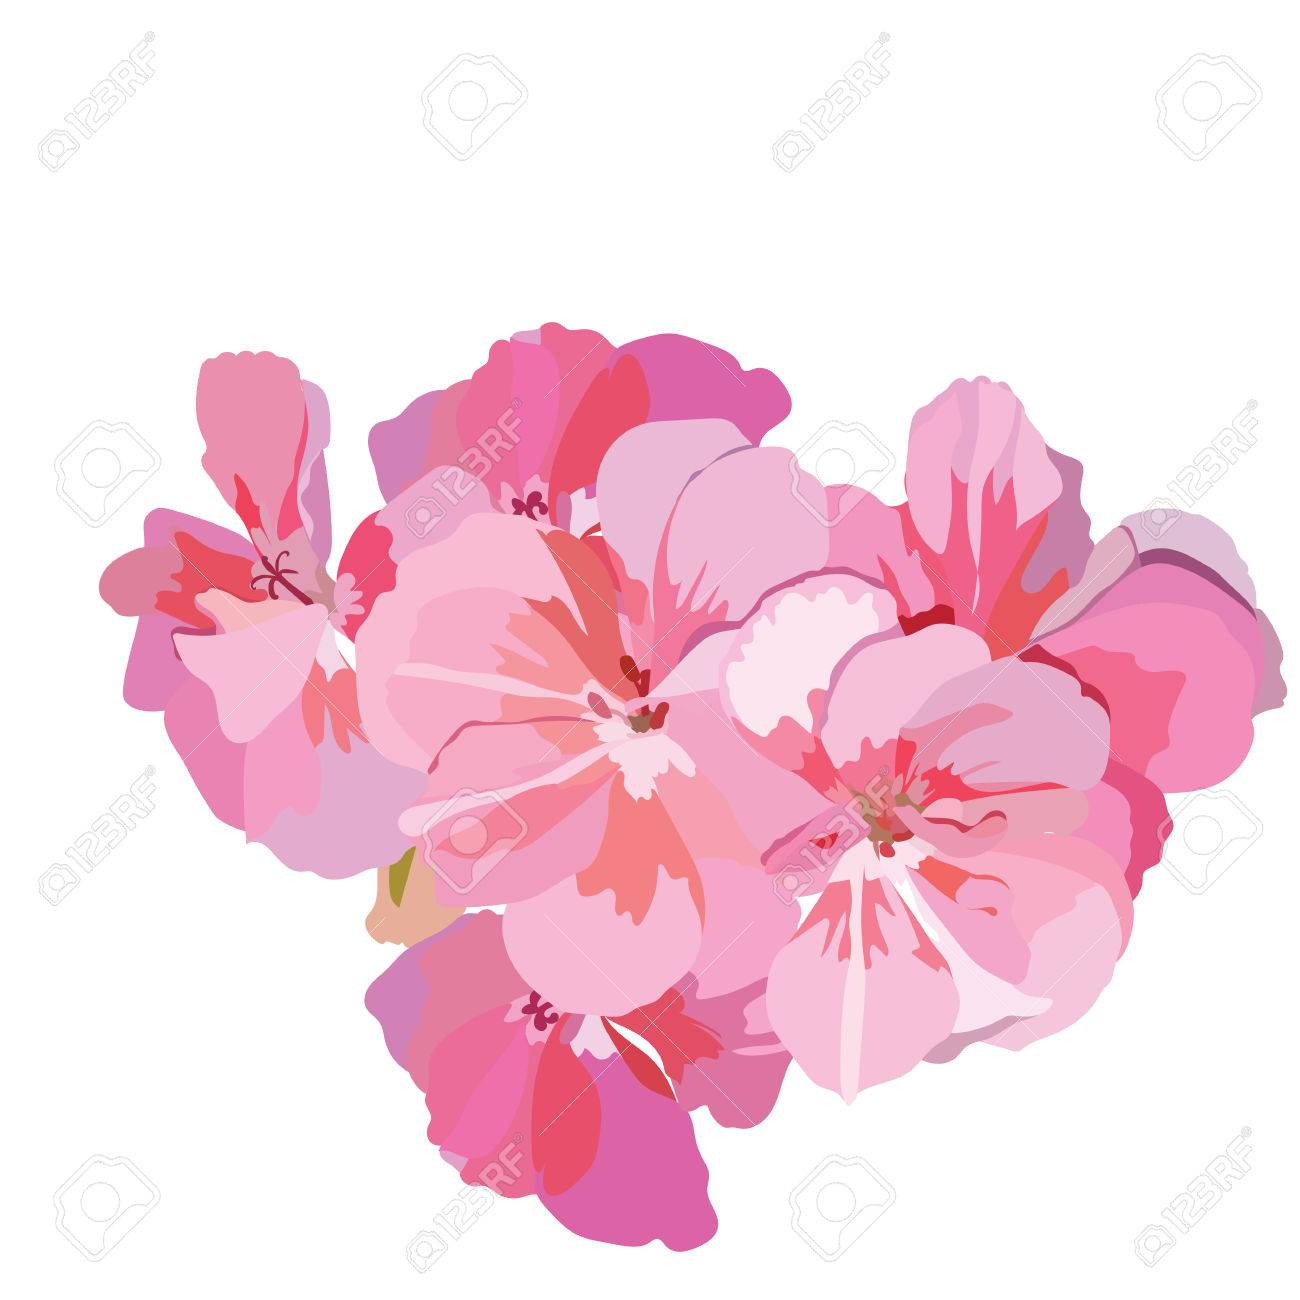 Roze Bloemenboeket Dat Op Wit Wordt Geïsoleerd Aquarel Bloemen Illustratie Vintage Elegante Kaart Illustratie Voor De Dag Van De Vrouw Verjaardag